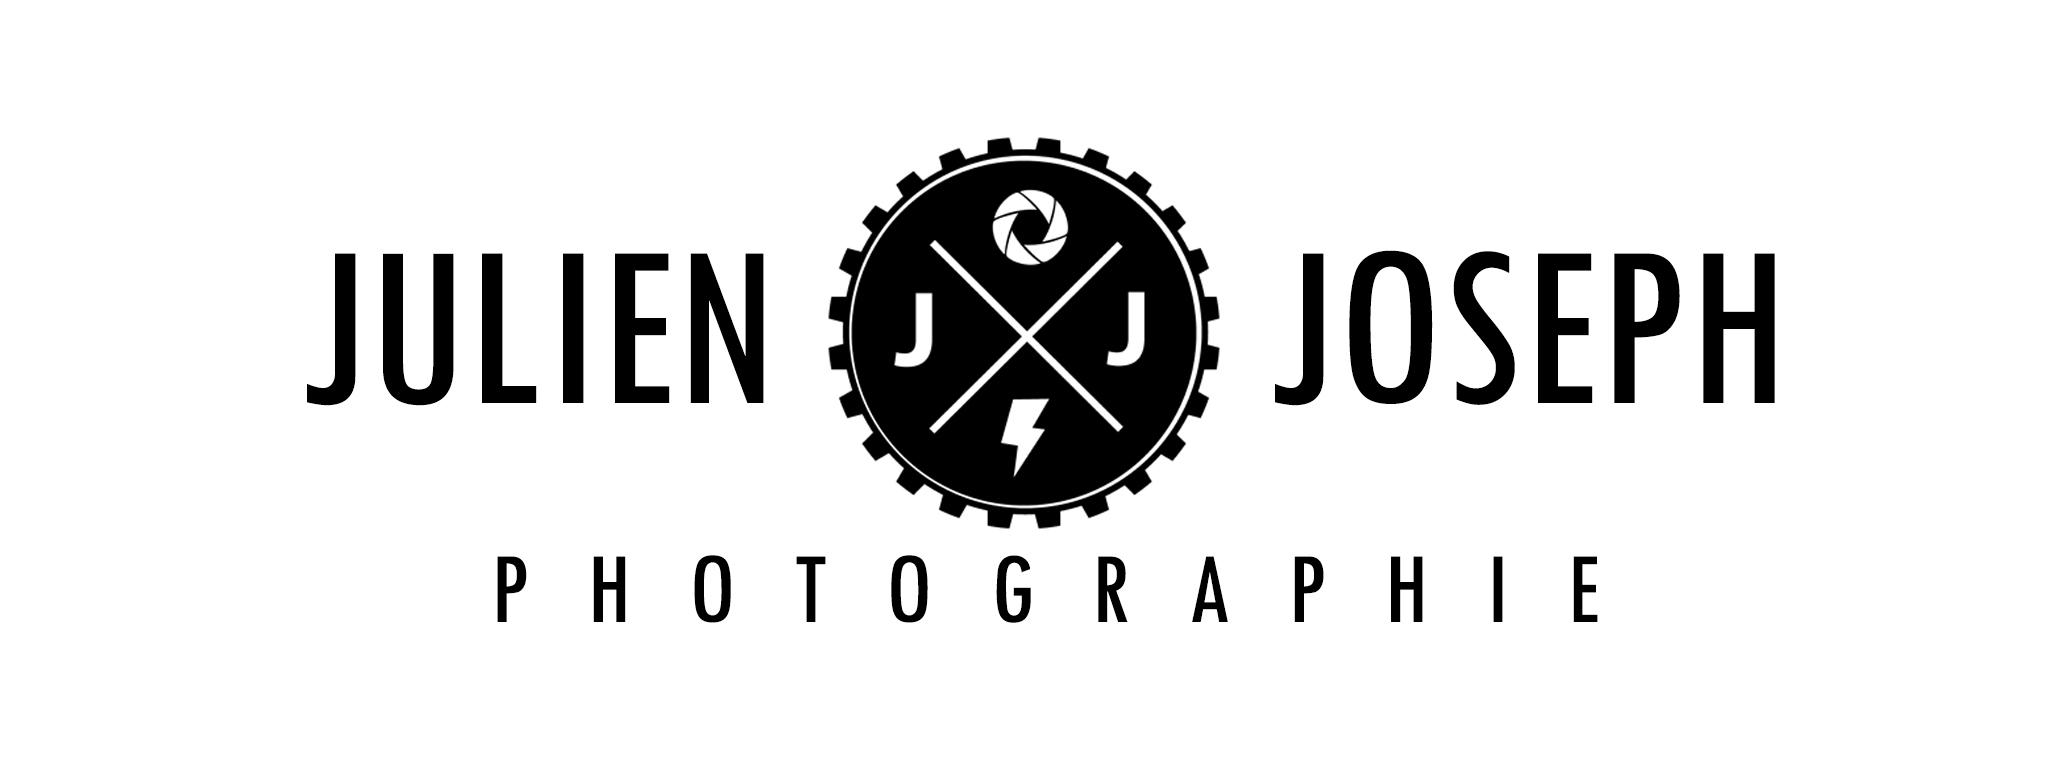 Julien Joseph Photographie